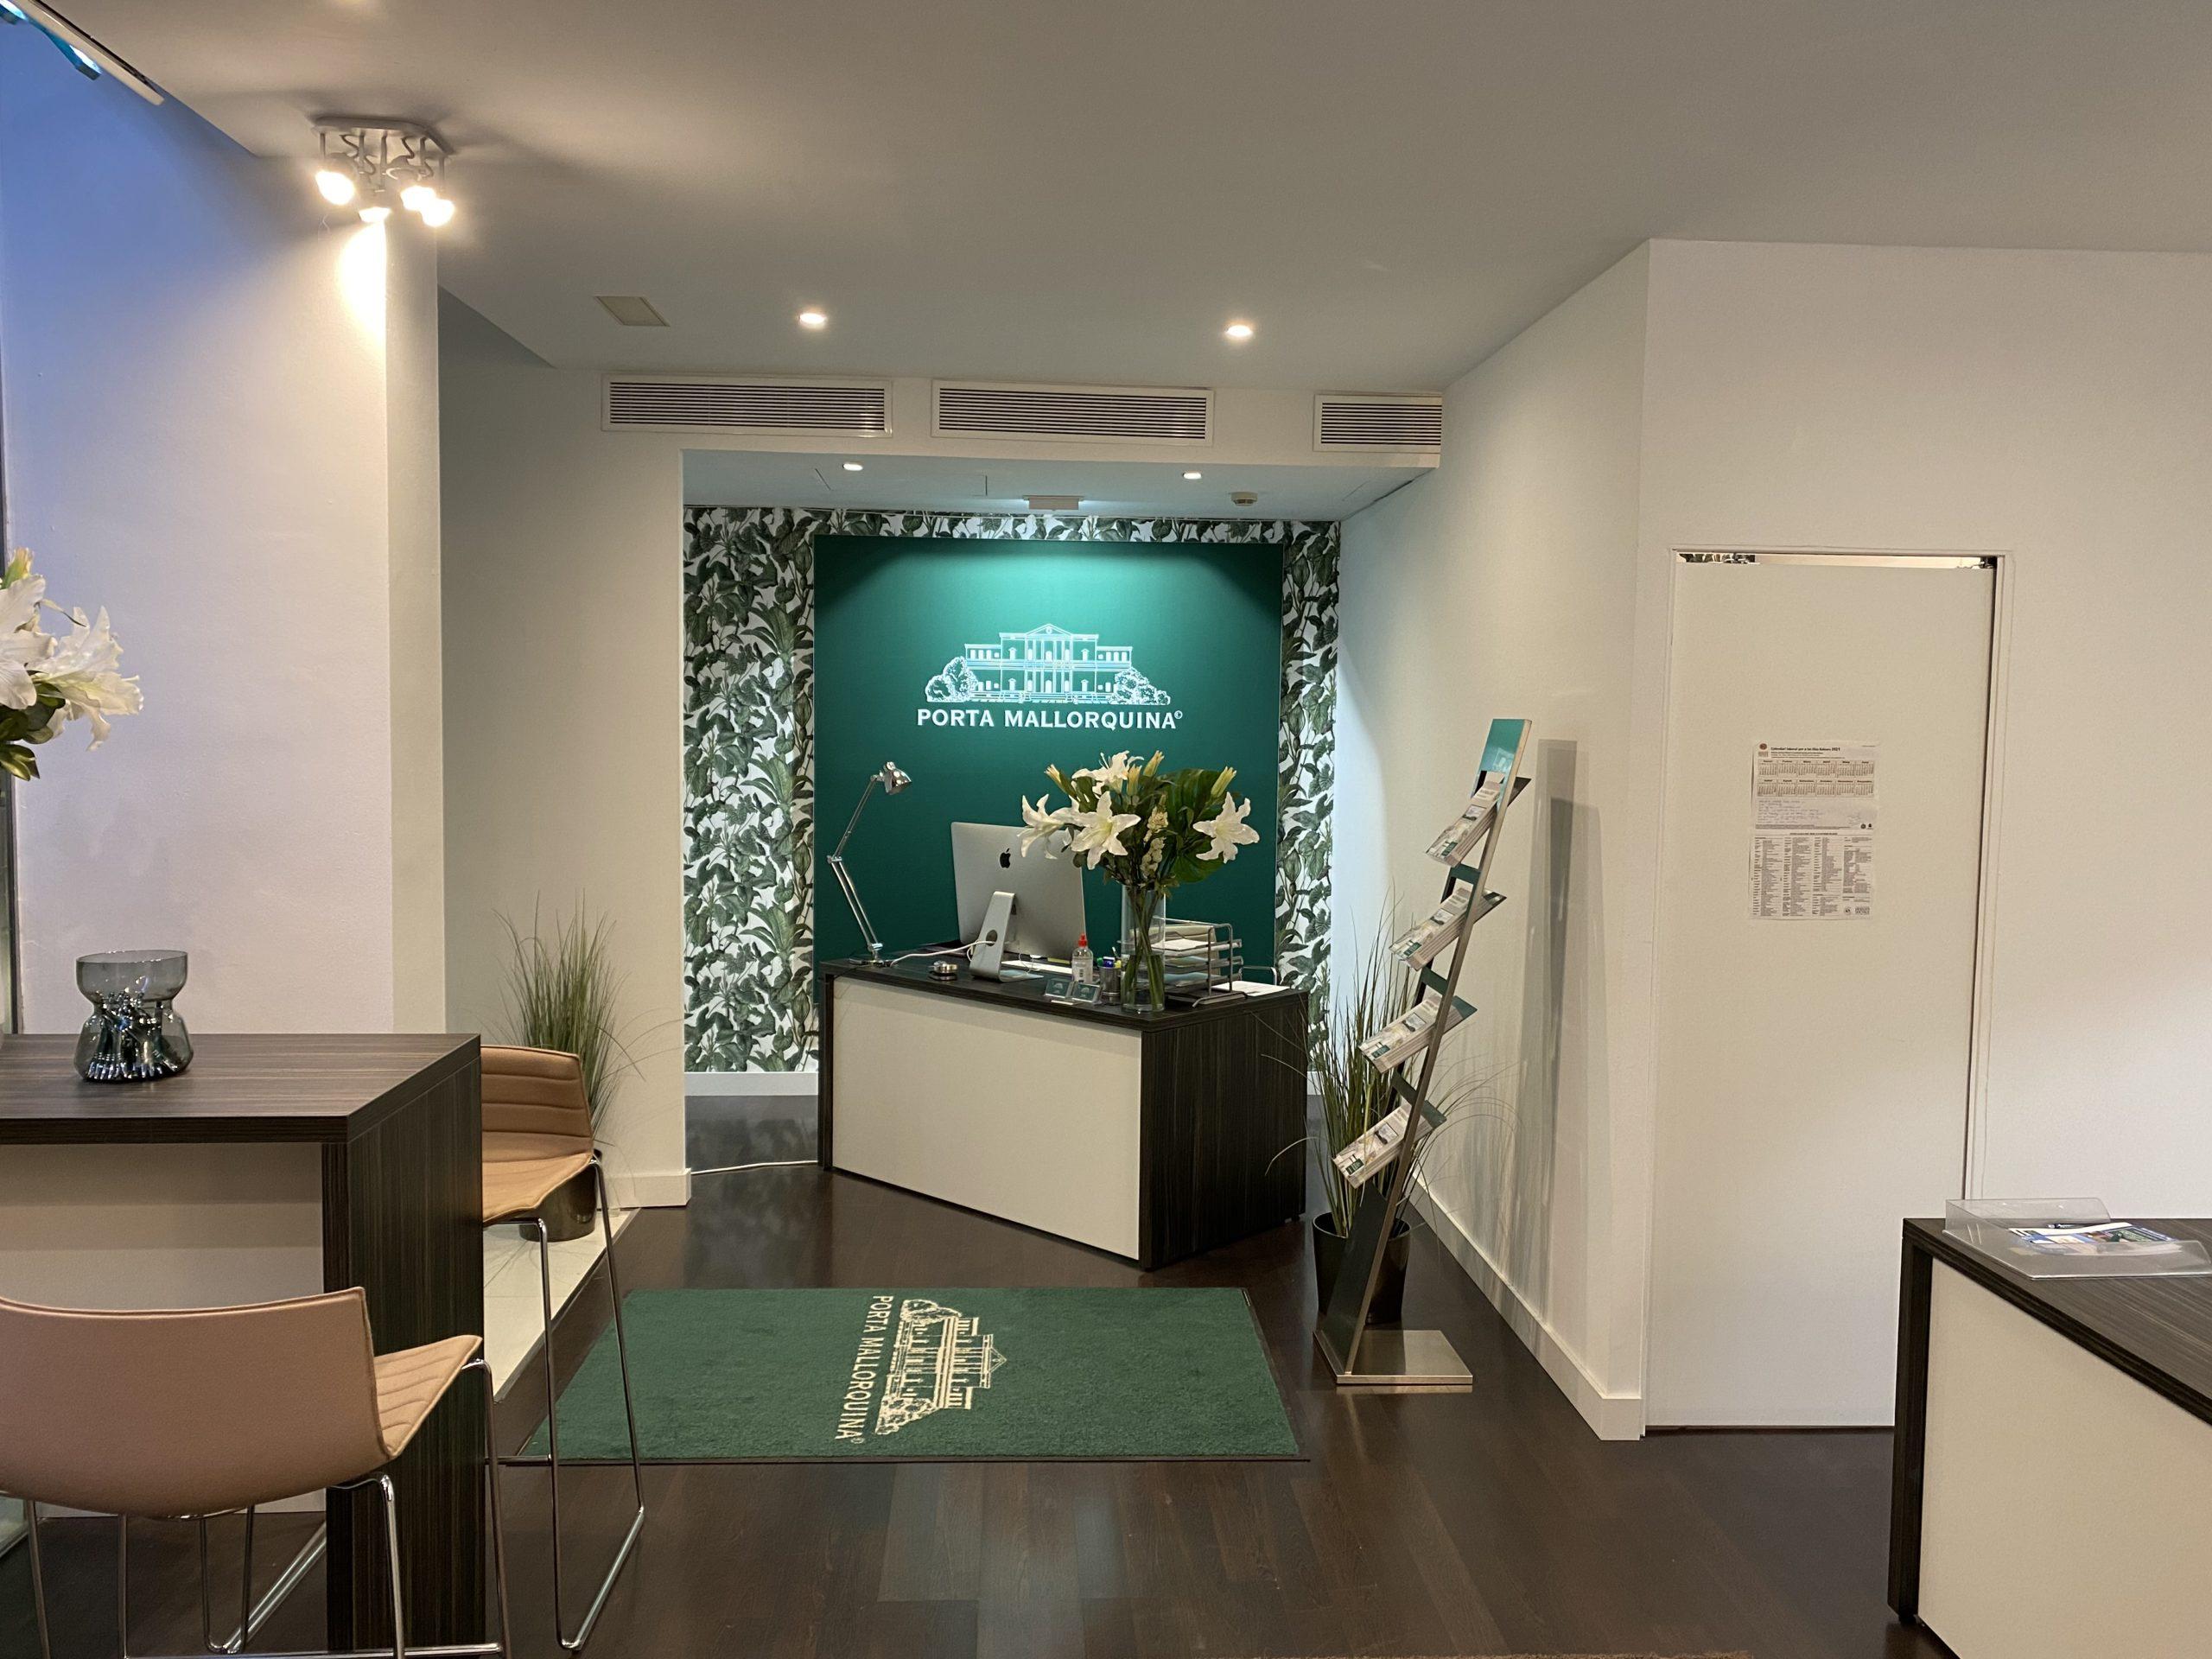 Die markante grüne Logowand ist ein typisches Merkmal aller Porta Mallorquina Shops. Aktuell ist das Immobilienunternehmen mit acht Standorten auf Mallorca vertreten.